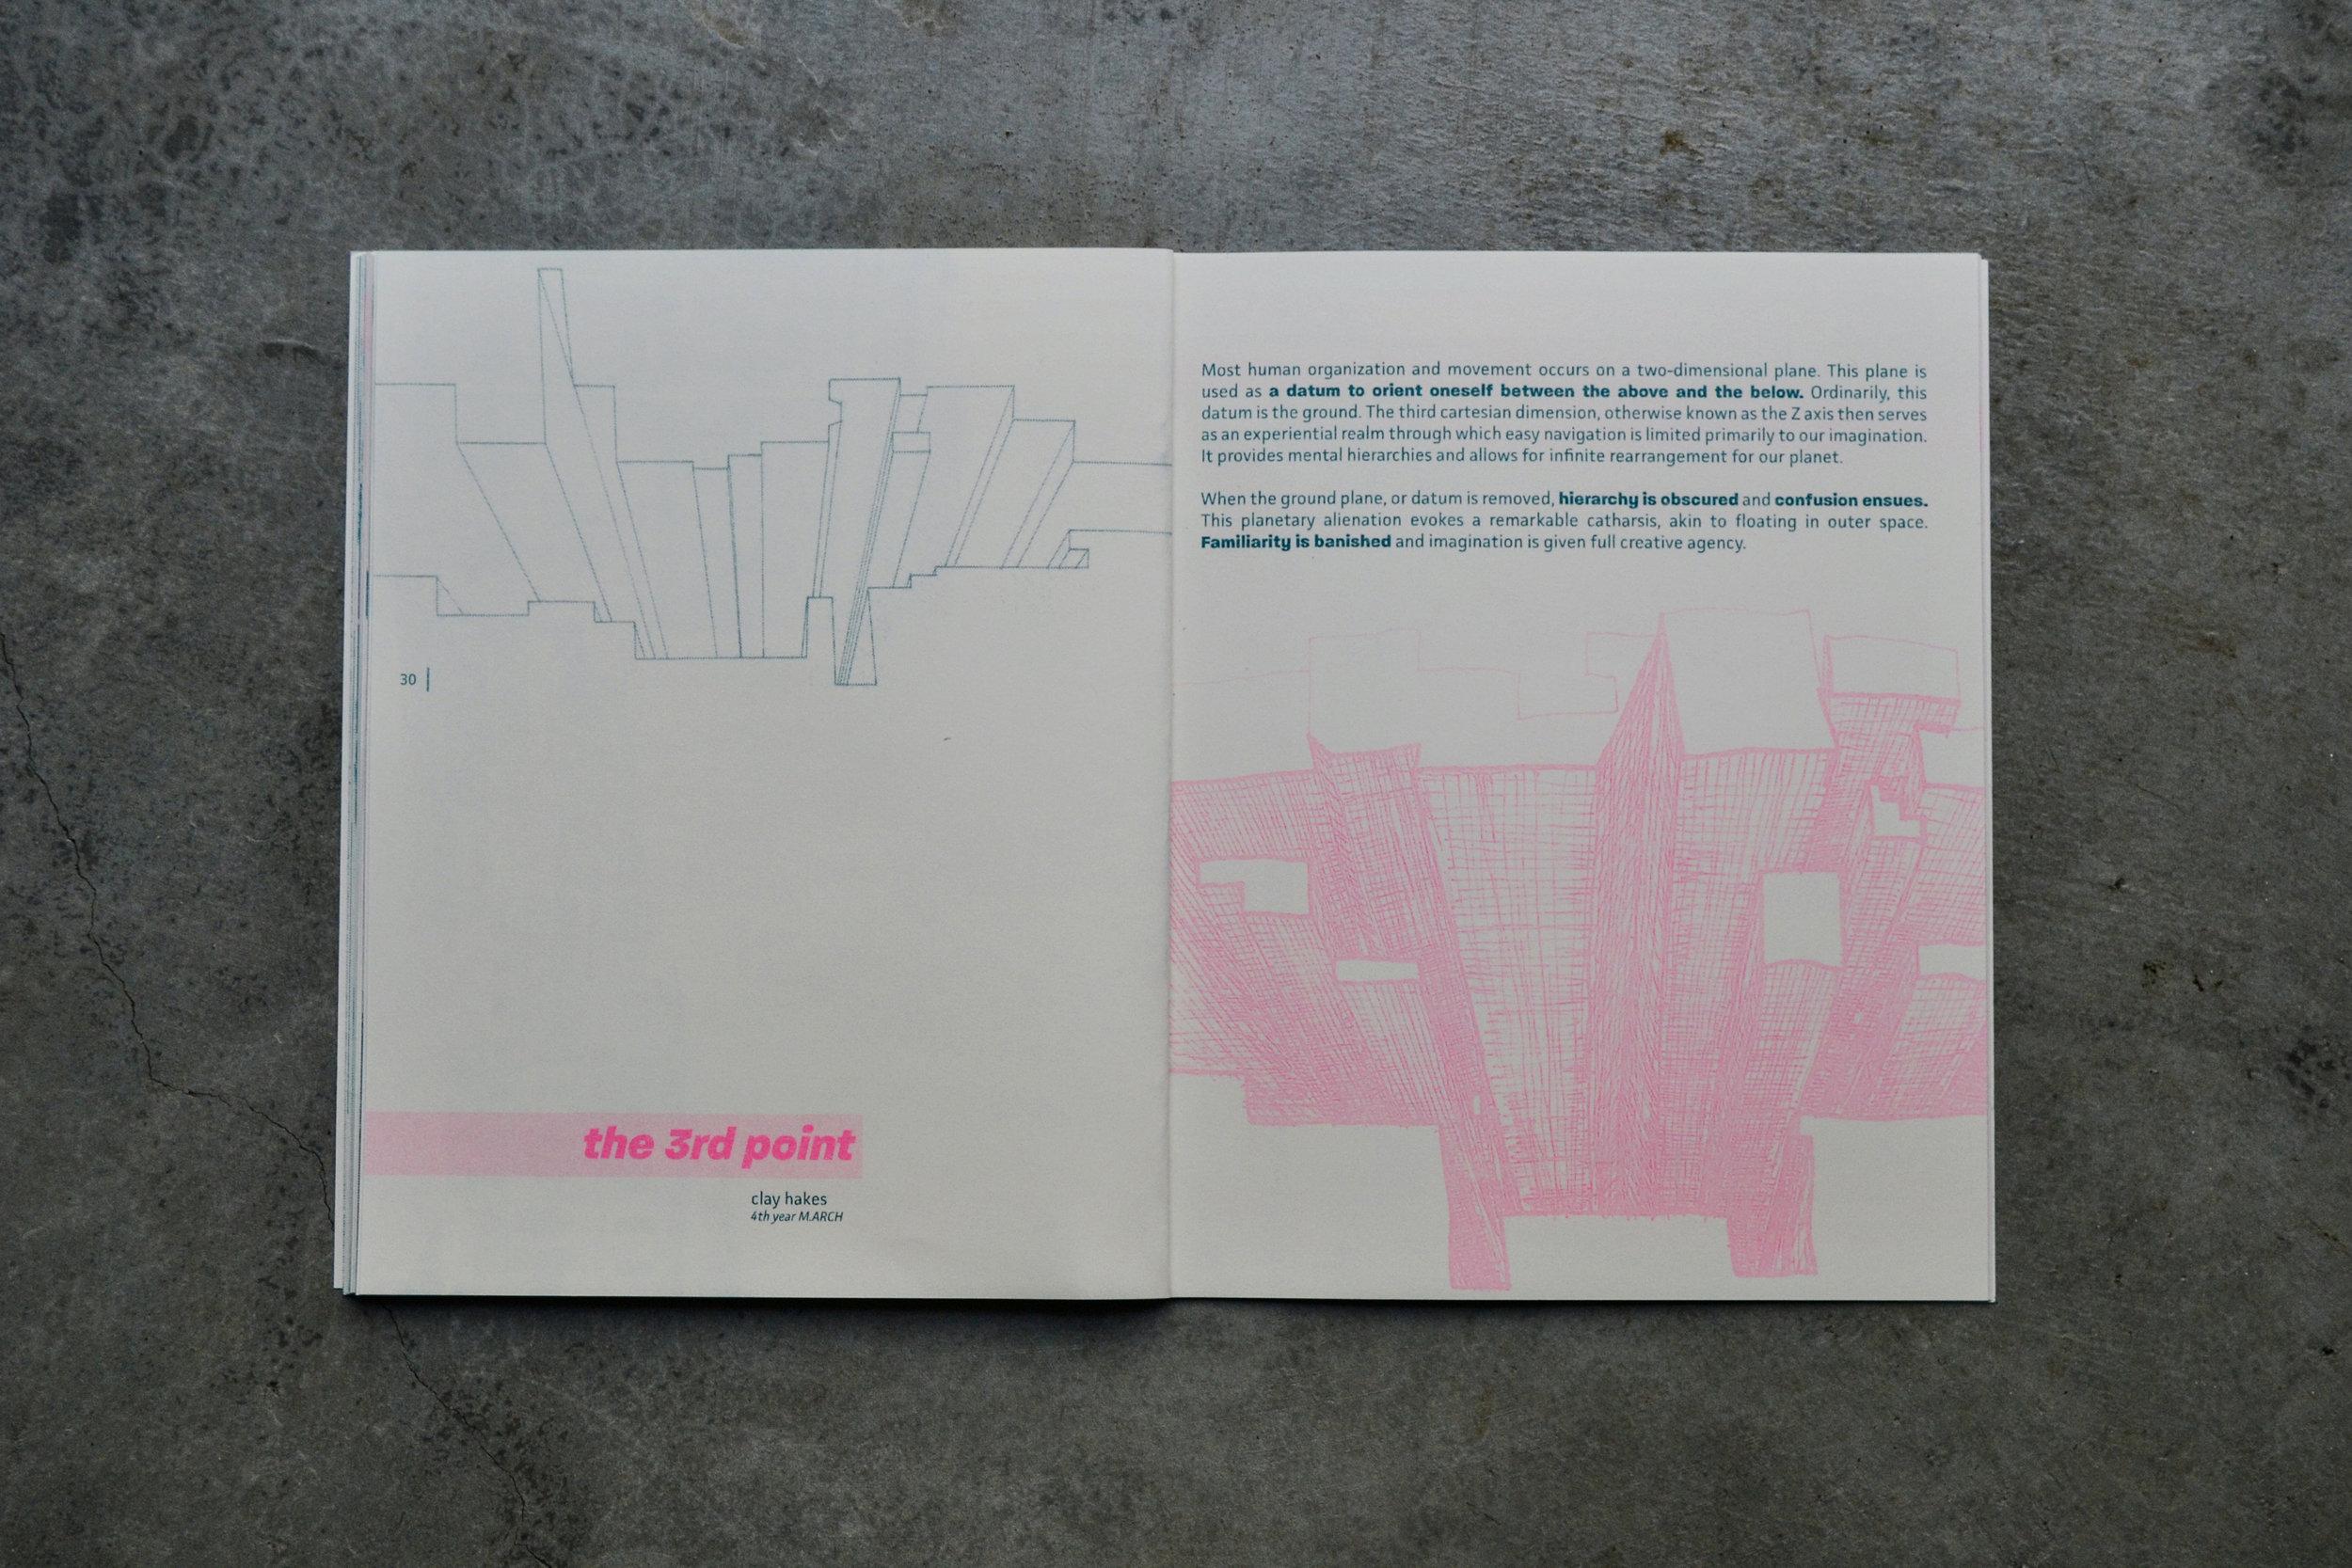 pg30.jpg